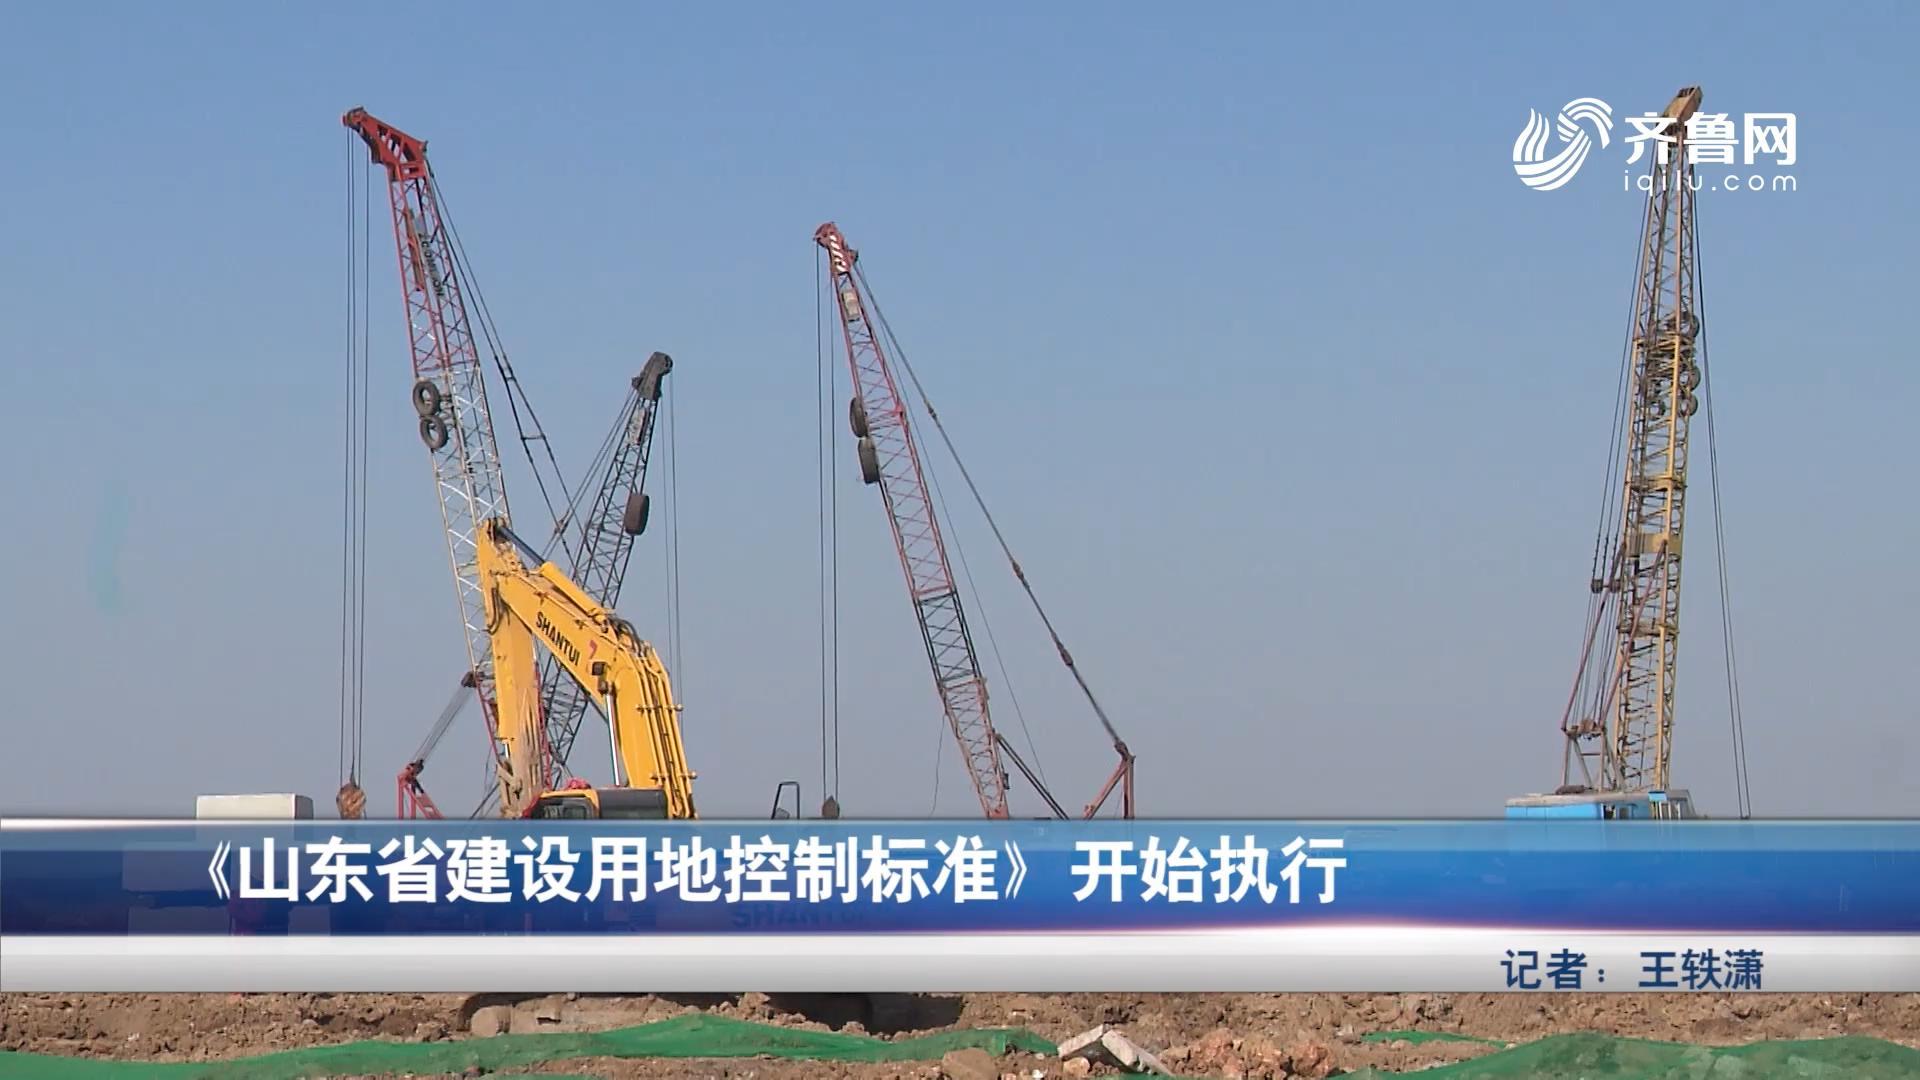 《山东省建设用地控制标准》开始执行